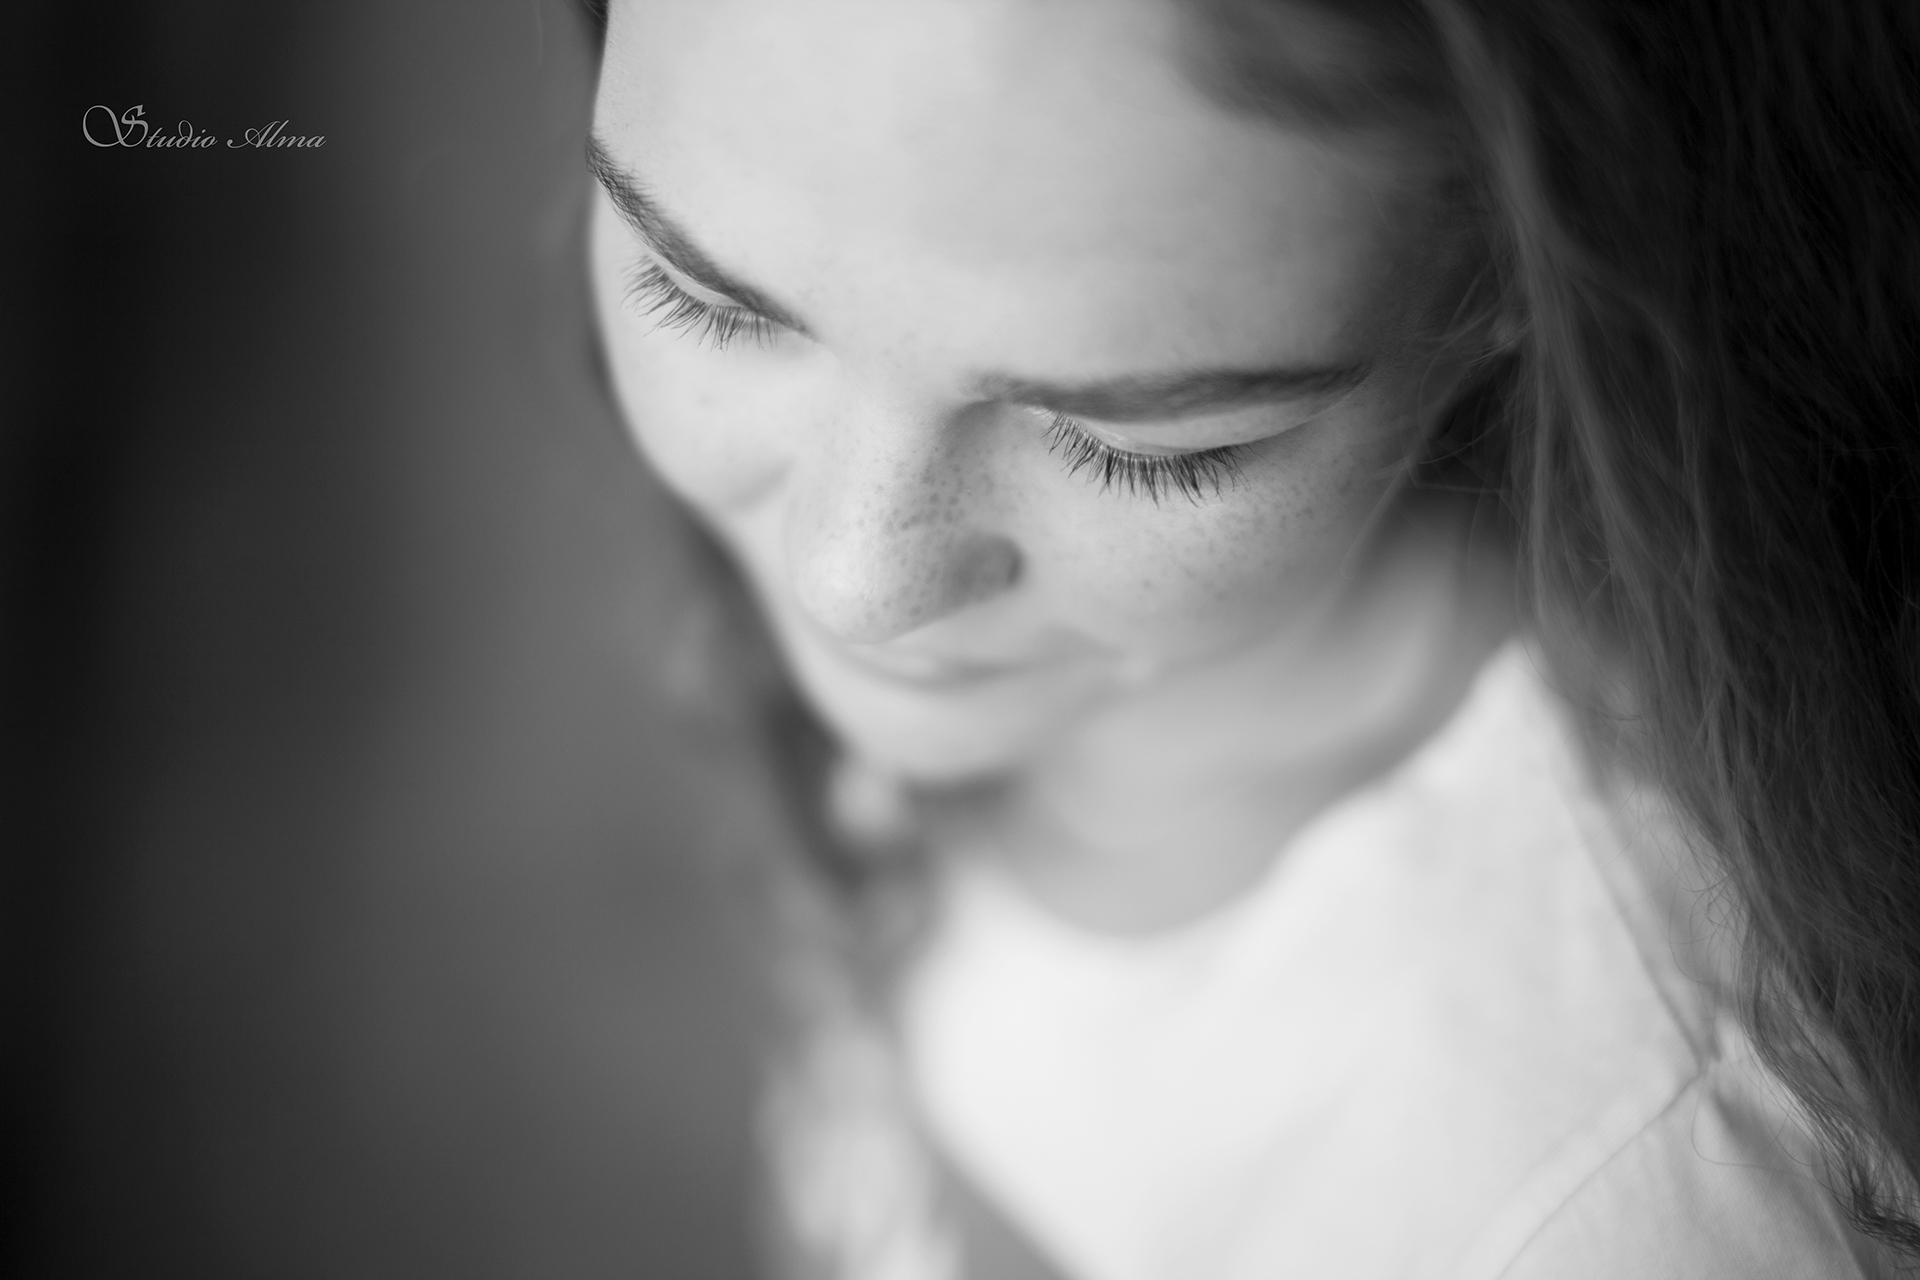 portrett-studioalma-konfirmant-ungdom-sorthvit